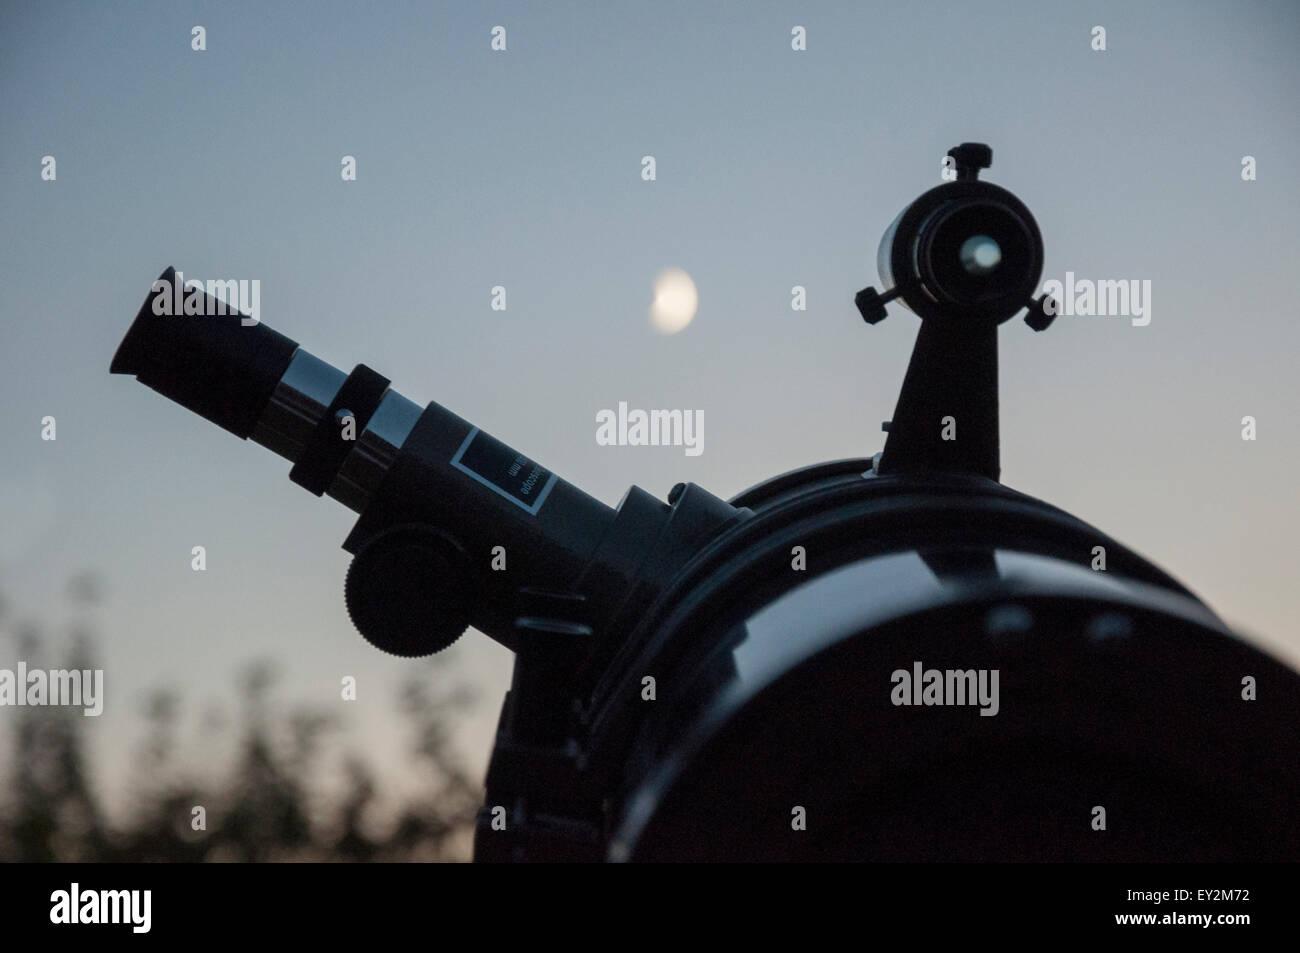 Teleskop ve astronomi terimleri nelerdir teleskoplar